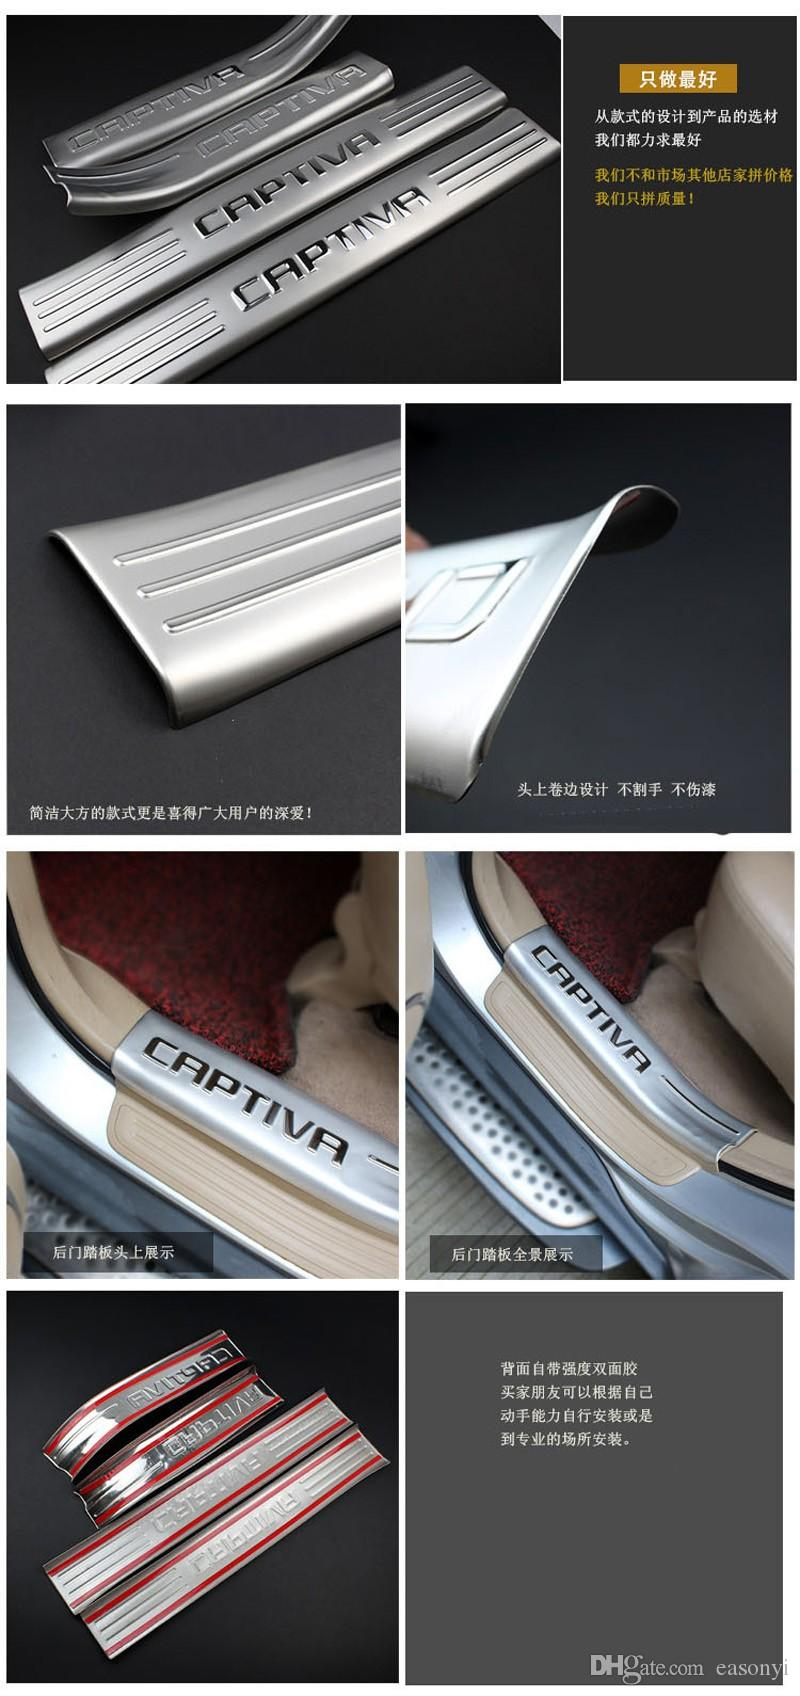 Interior de acero inoxidable + Exterior Puerta Sills placa del desgaste para el año 2012 2013 Chevrolet Chevy Captiva Umbral Recorte accesorios del coche